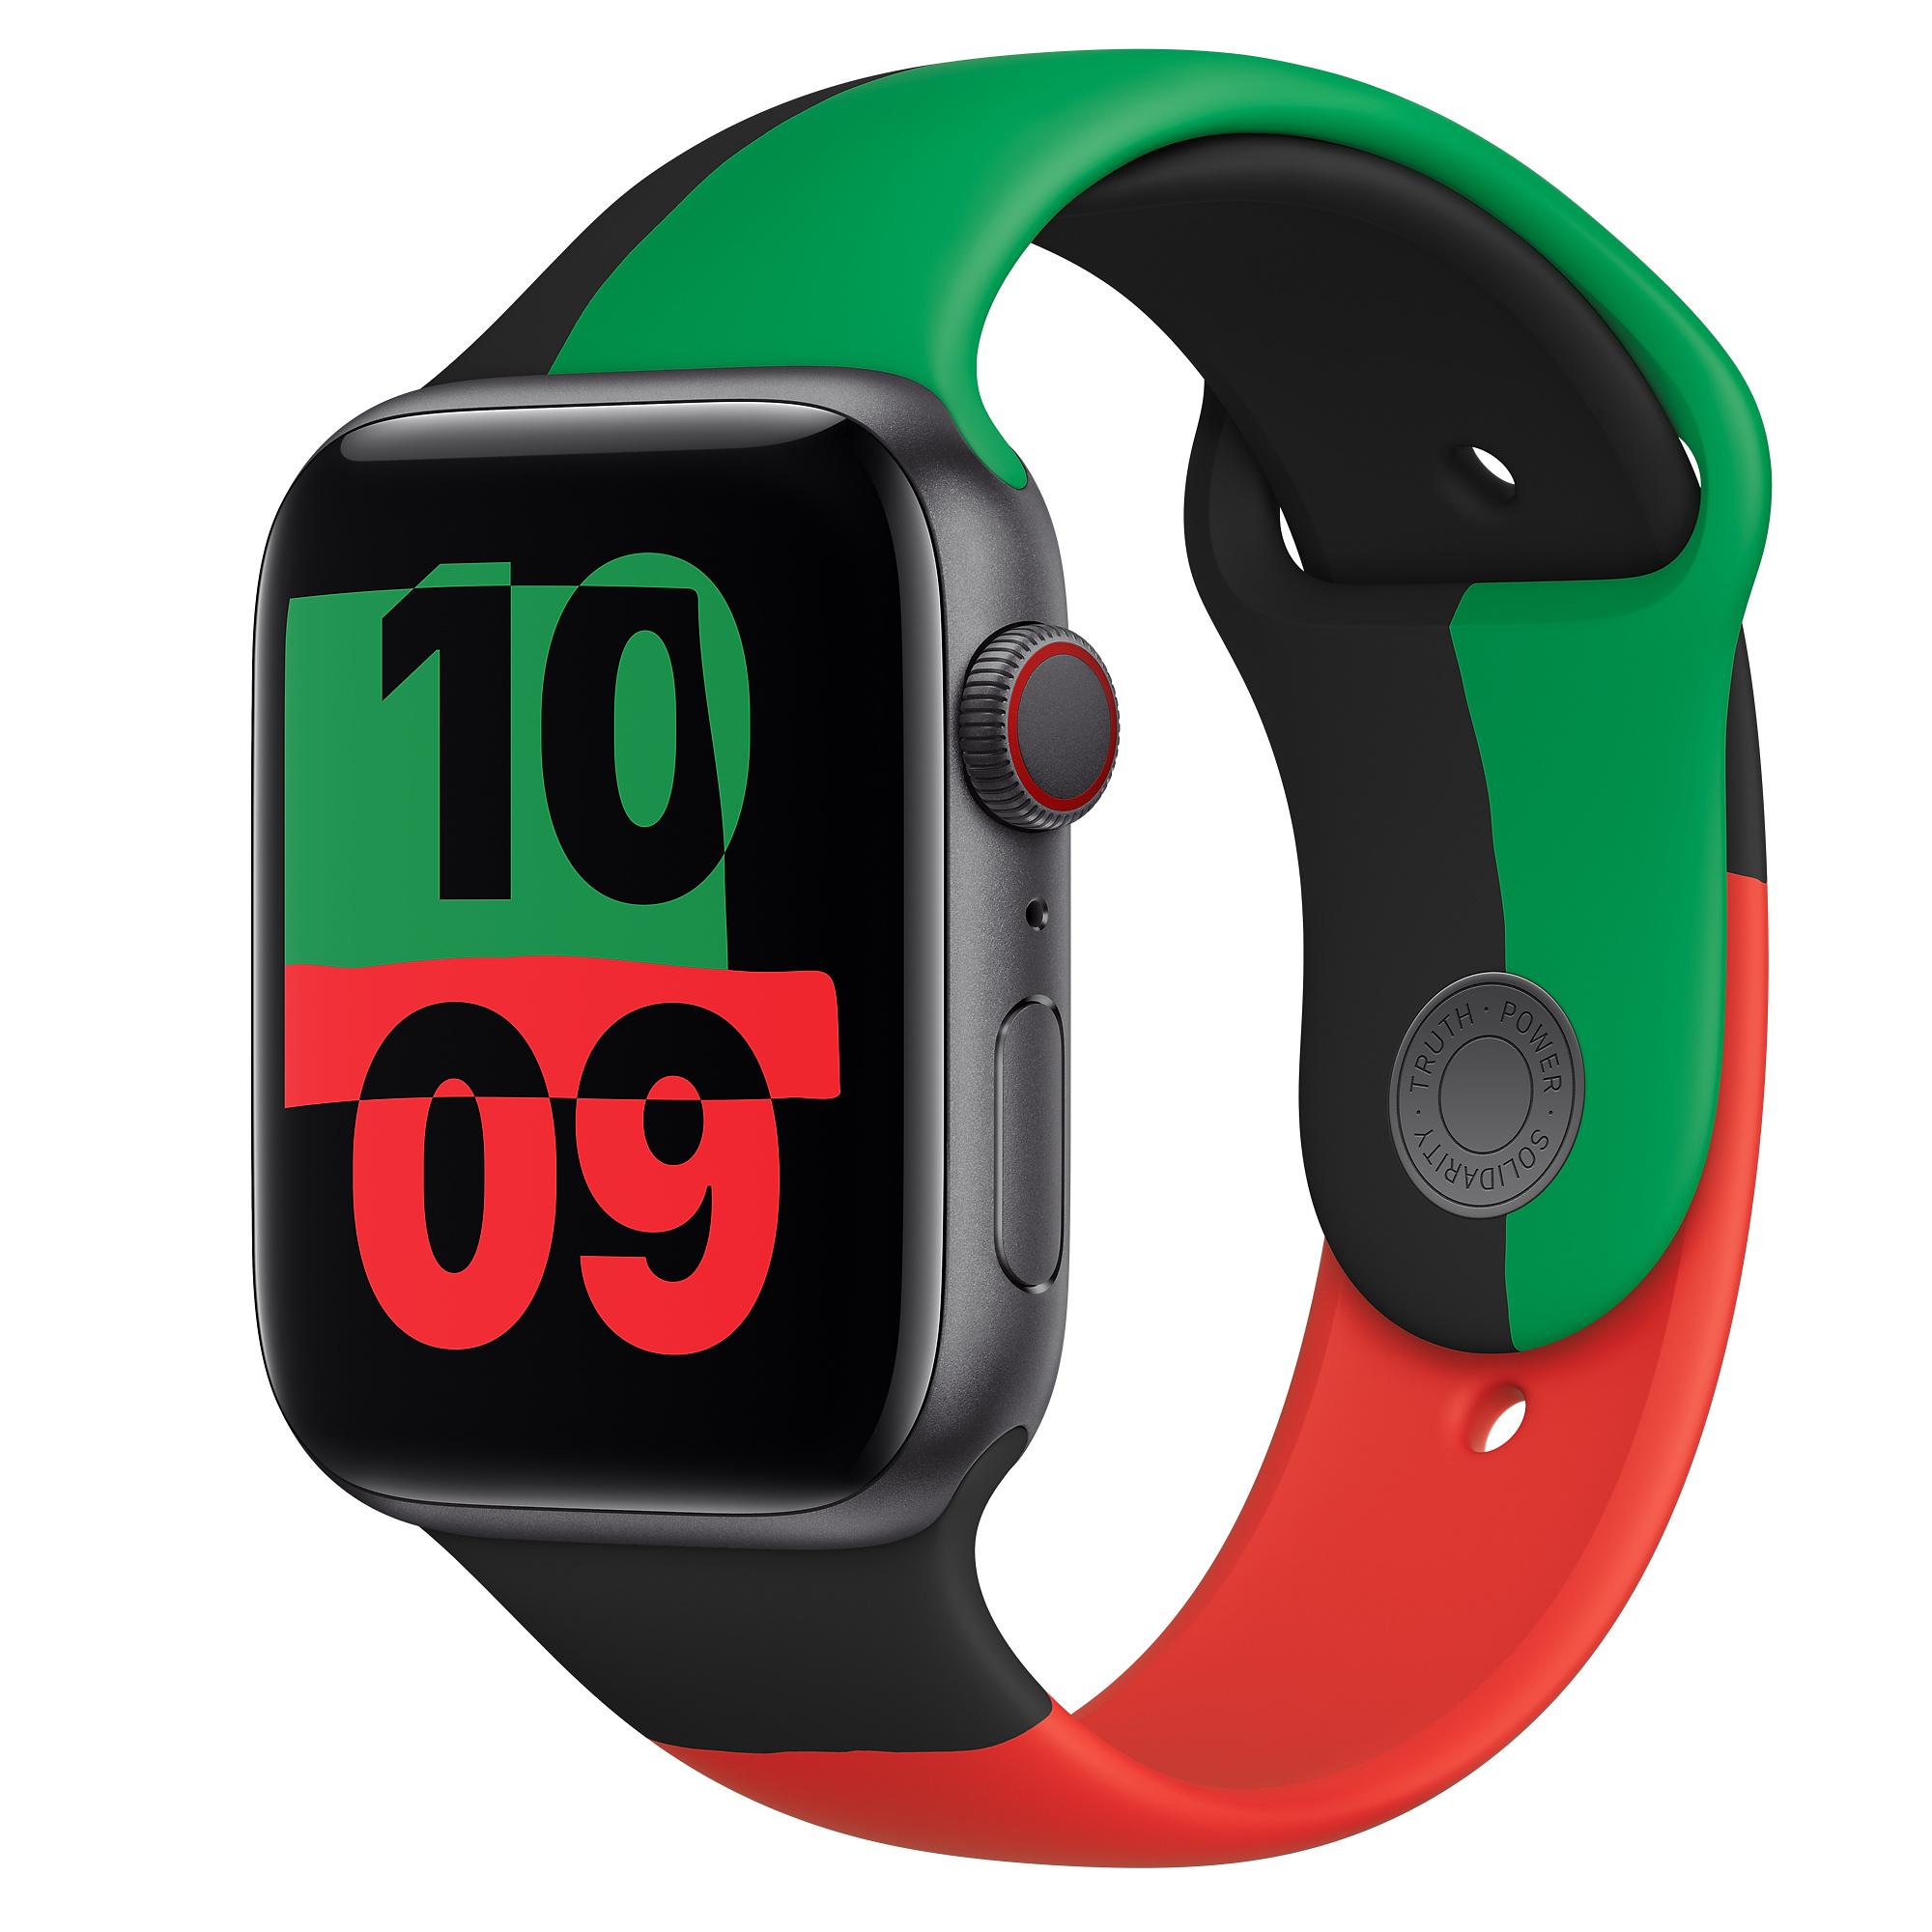 فروش نقدی و اقساطی ساعت هوشمند اپل سری ۶ مدل بلک یونیتی Black Unity 44mm